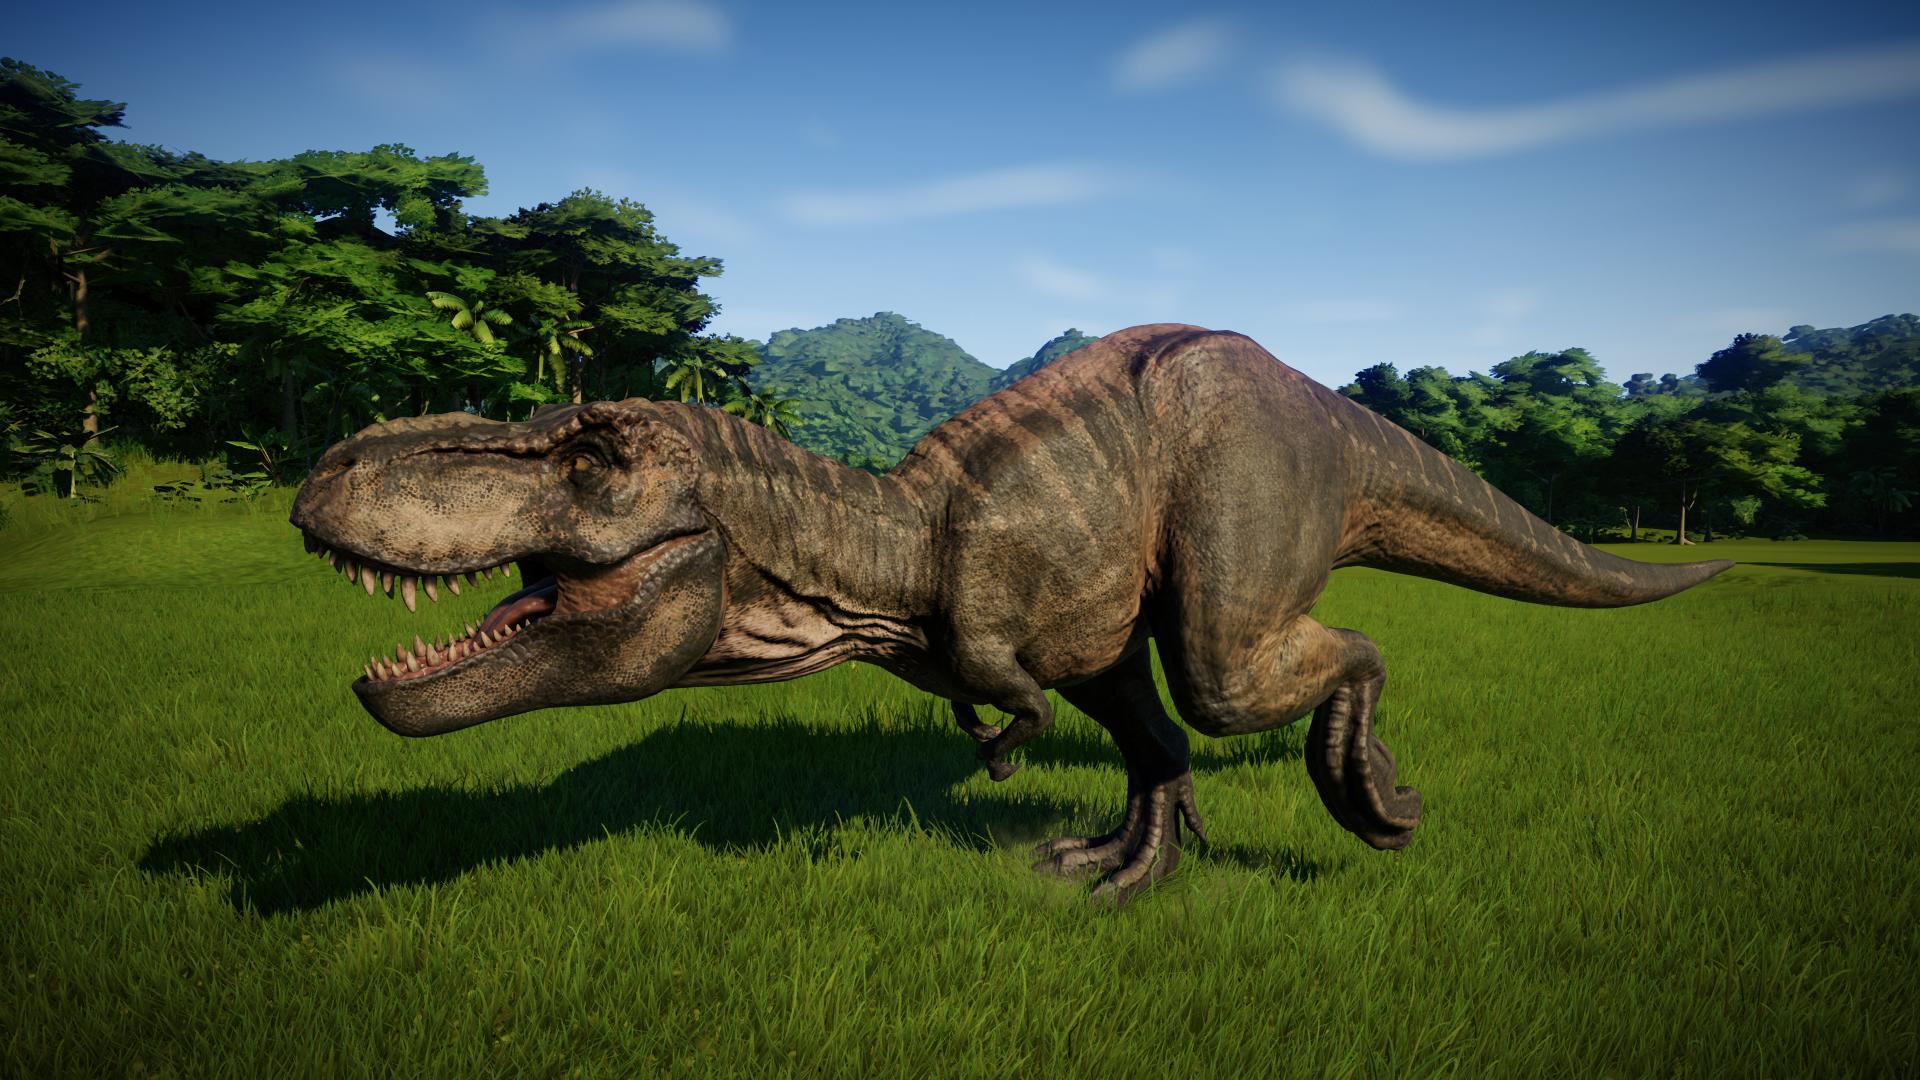 картинки с динозаврами большого разрешения появления